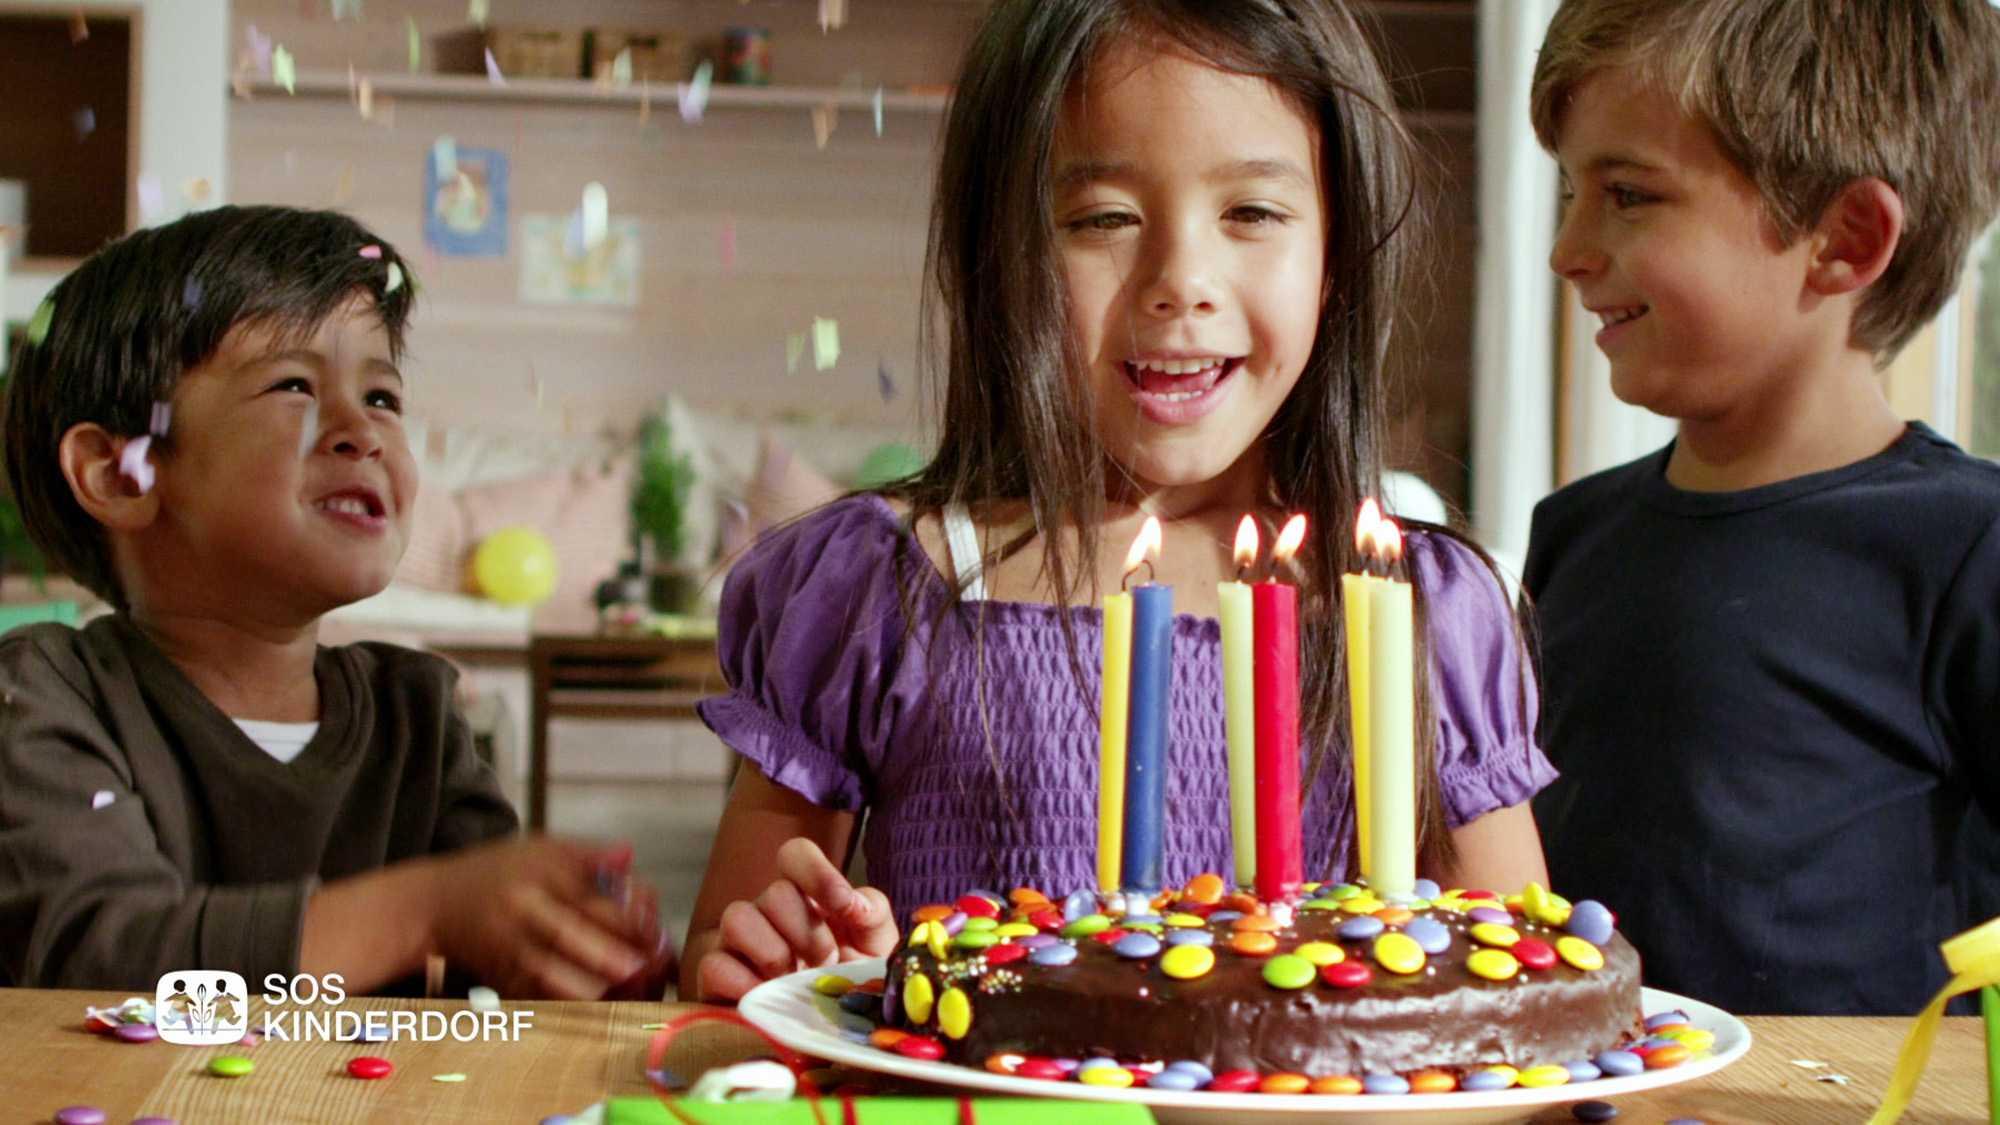 Das Bild zeigt drei Kinder, zwei Jungs und ein Mädchen. Das Mädchen steht zwischen den beiden Jungs. sie stehen vor einem Tisch, im Hintergrund sieht man eine Küche. Auf dem Tisch steht eine Kuchen, auf diesem stehen Kerzen. Die Jungs werfen Konfetti in die Luft das Mädchen möchte die Kerzen ausblasen. In der linken Ecke des Bildes sieht man das SOS Kinderdorflogo sowie die Worte SOS Kinderdorf. Das Bild dient als Sliderbild für den Portfolioeintrag SOS-Kinderdorf Sommer von Panda Pictures.